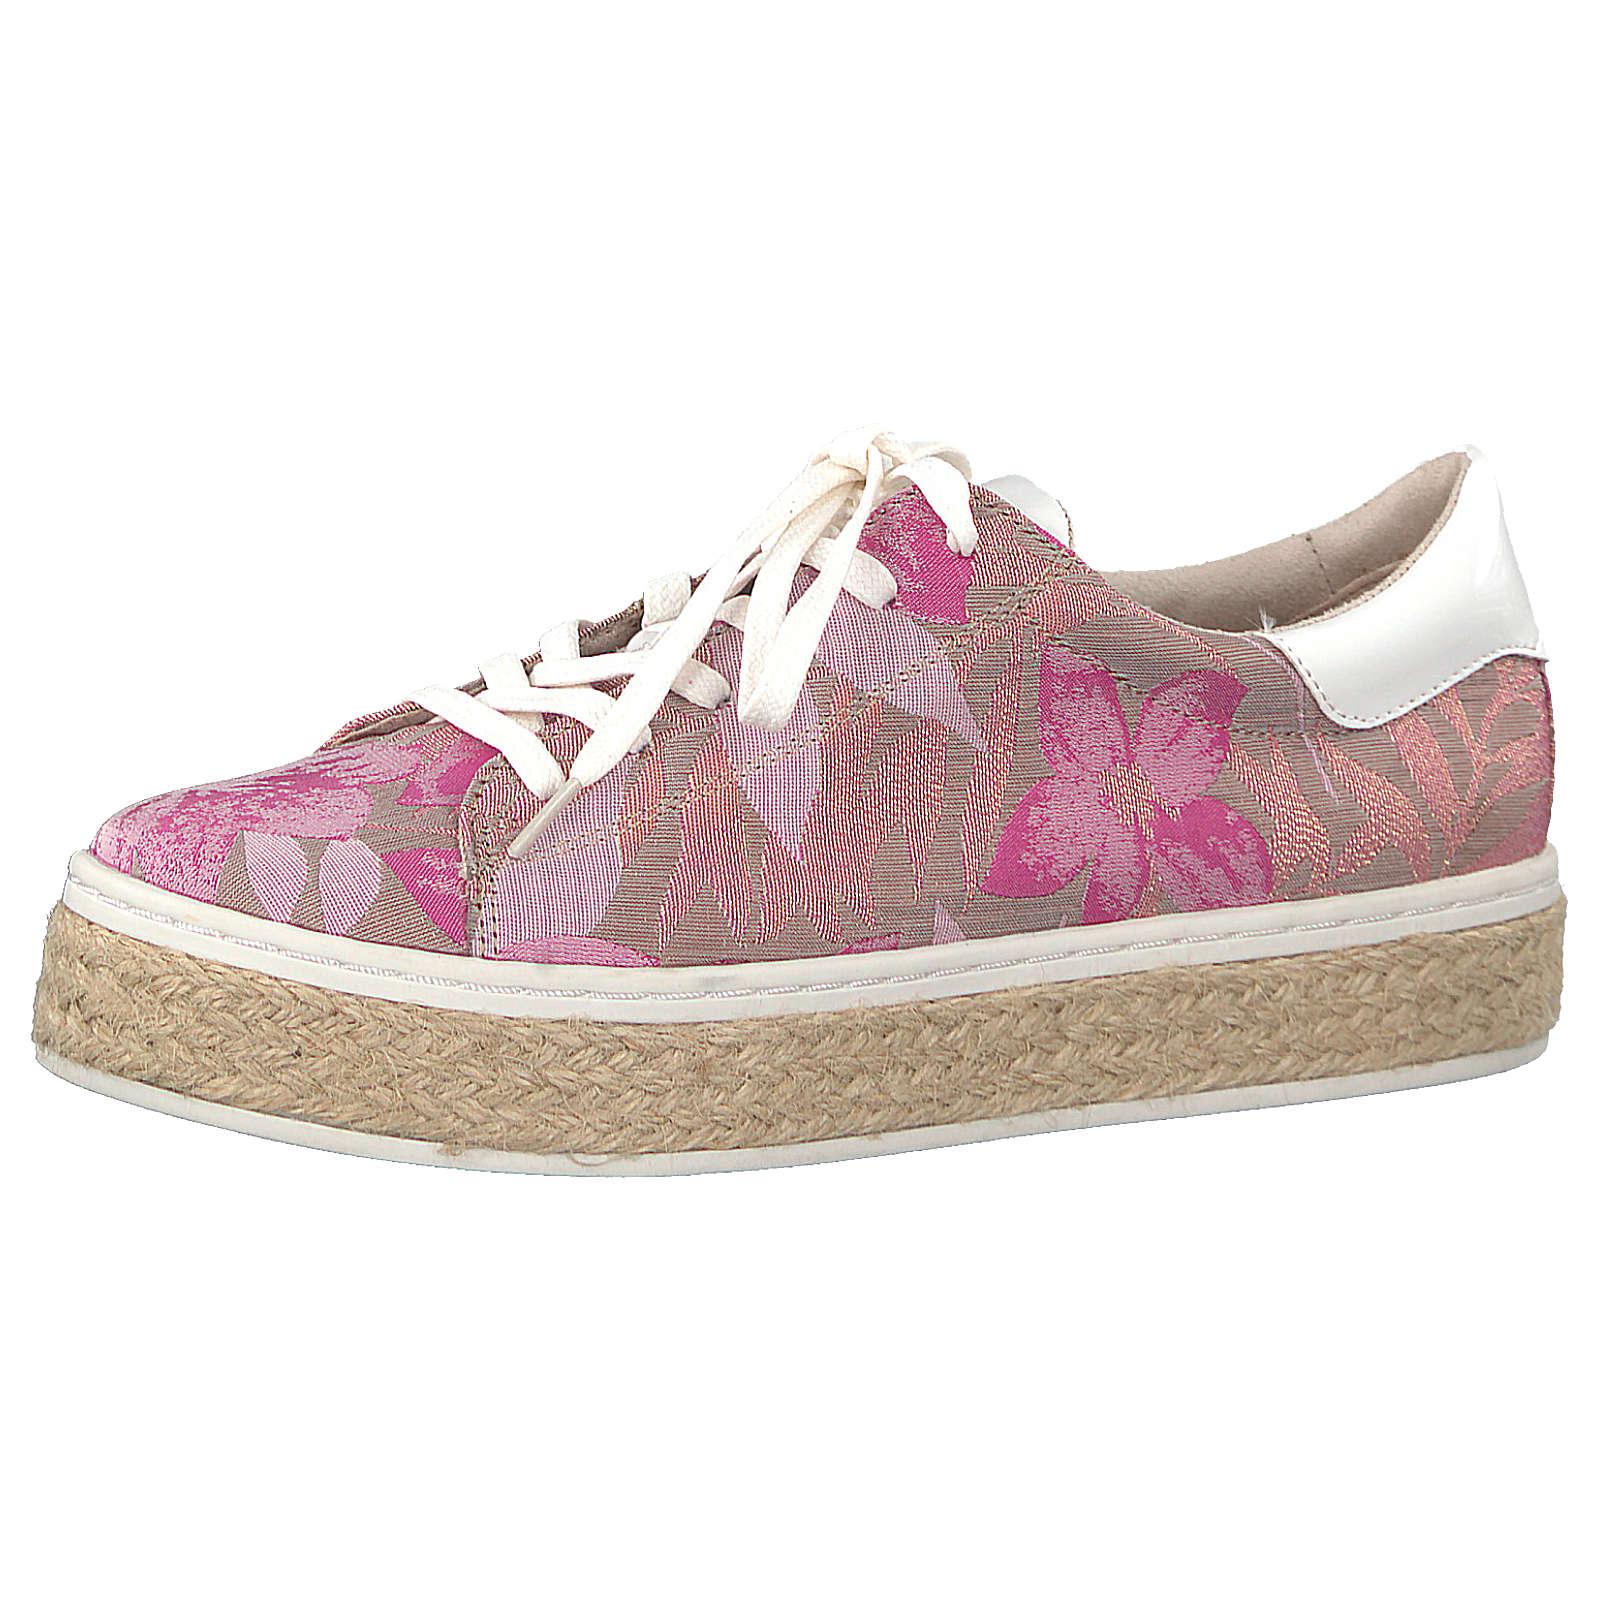 s.Oliver Sneakers Low rosa-kombi Damen Gr. 38